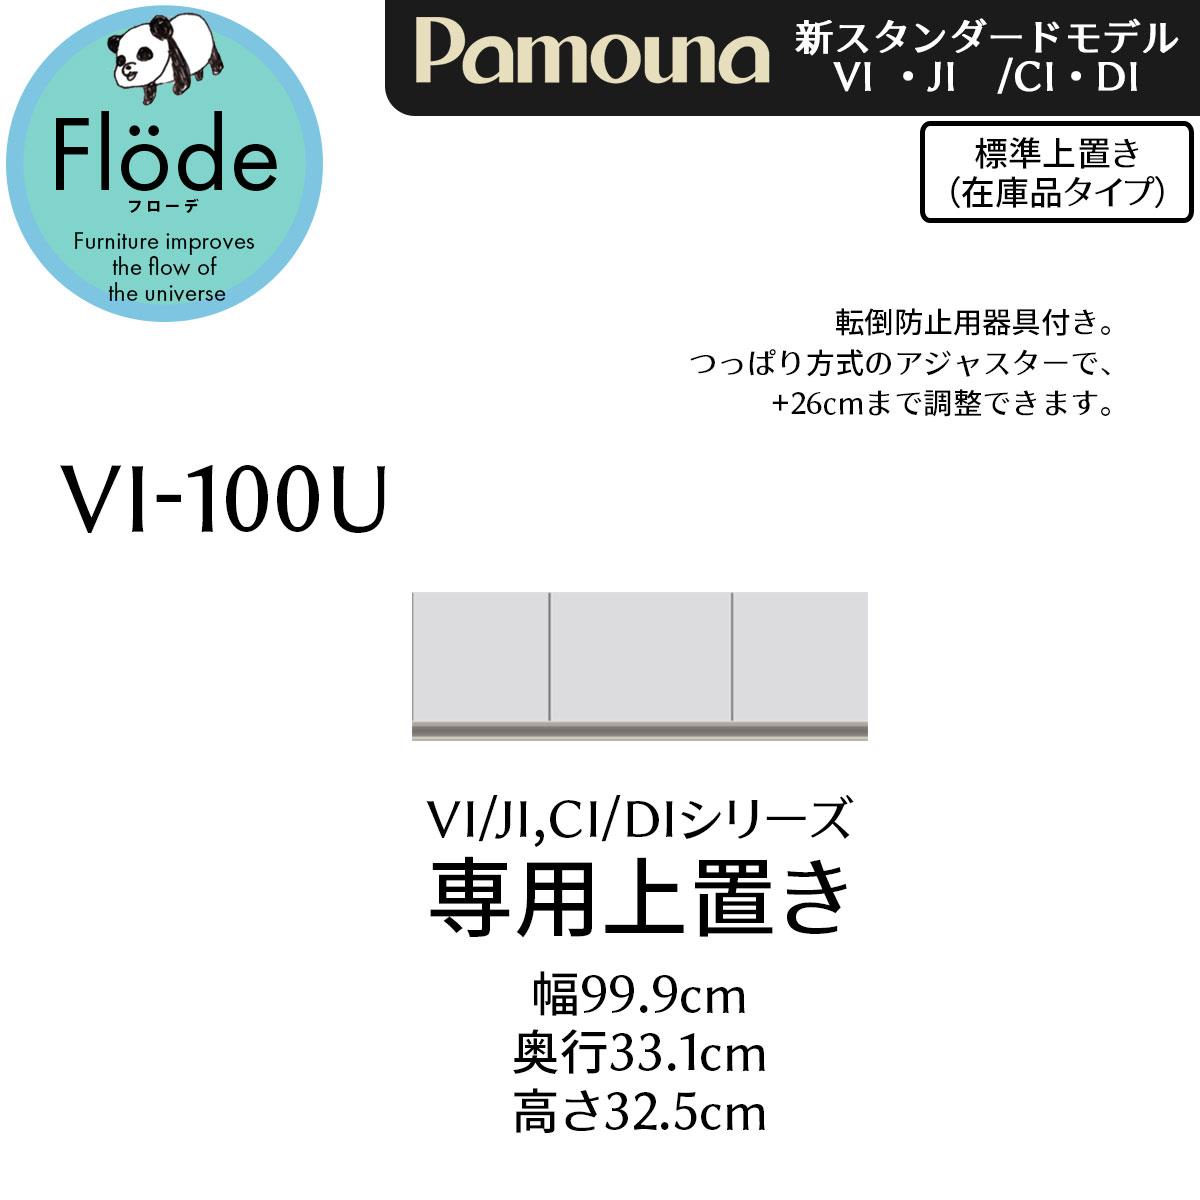 パモウナ 上置 (食器棚VI/JI CI/DI用) 【幅99.8×高さ32.5cm】 VI-100U